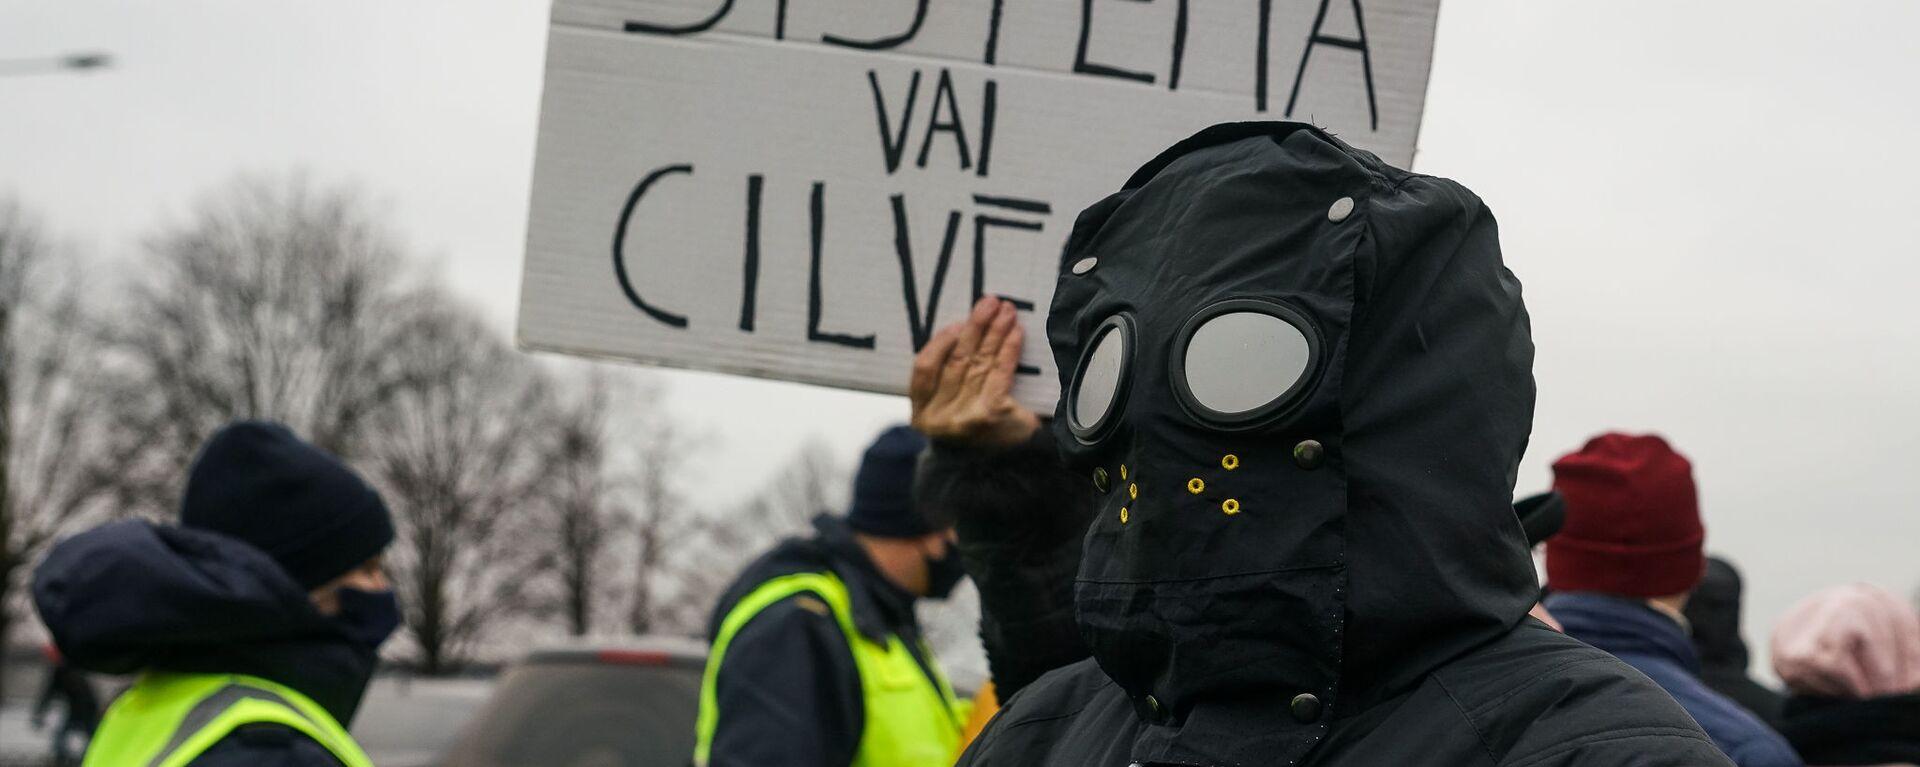 Плакат Система или человек. Акция протеста на набережной 11 Ноября в Риге против ограничений в связи с пандемией COVID-19 - Sputnik Латвия, 1920, 08.07.2021